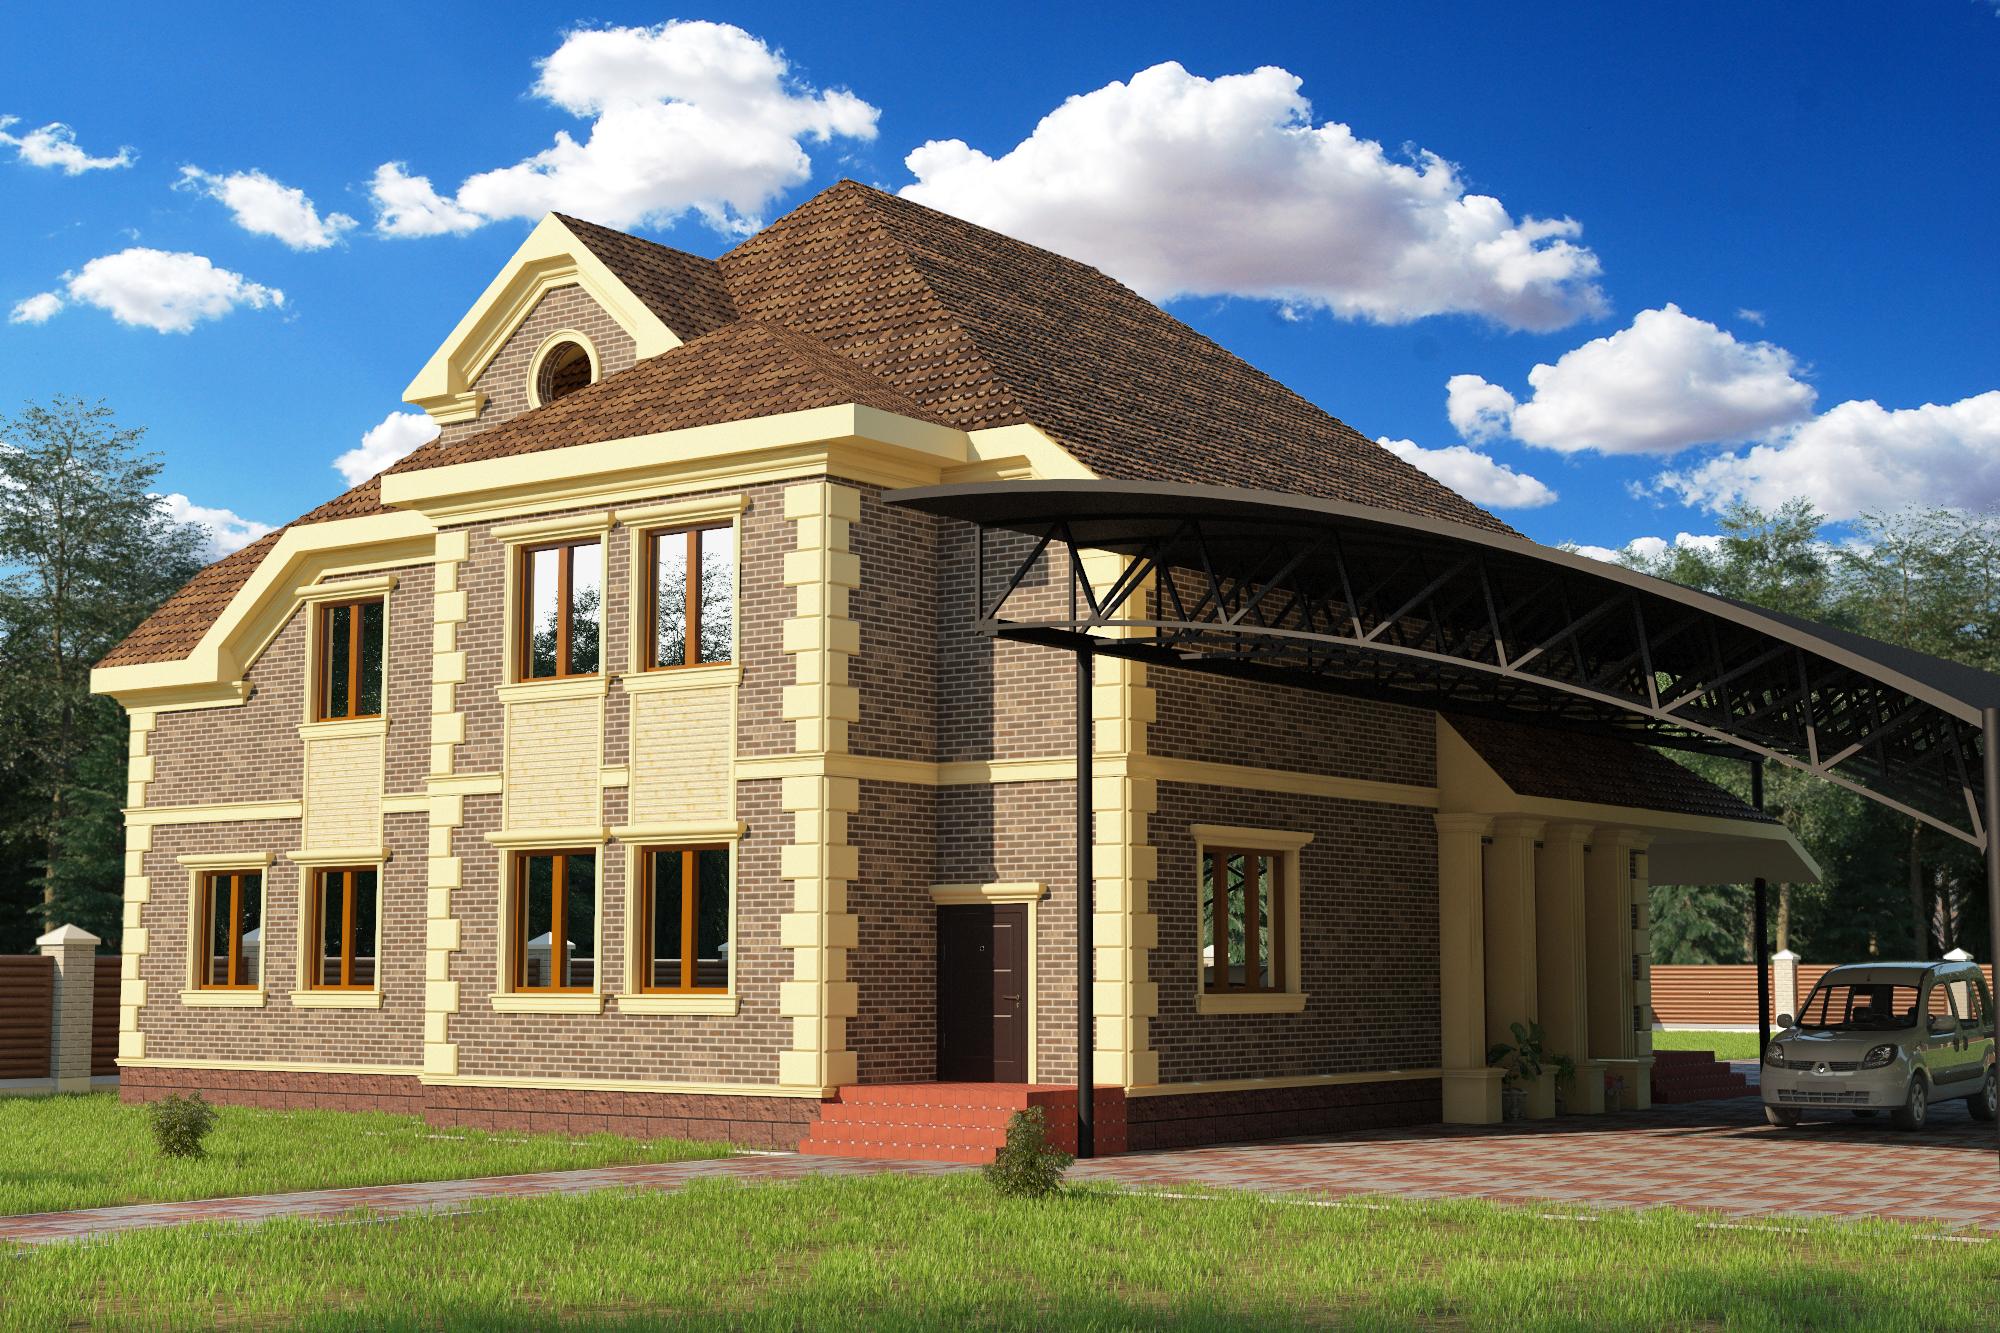 आधुनिक क्लासिक्स की शैली में घर 3d max vray 3.0 में प्रस्तुत छवि